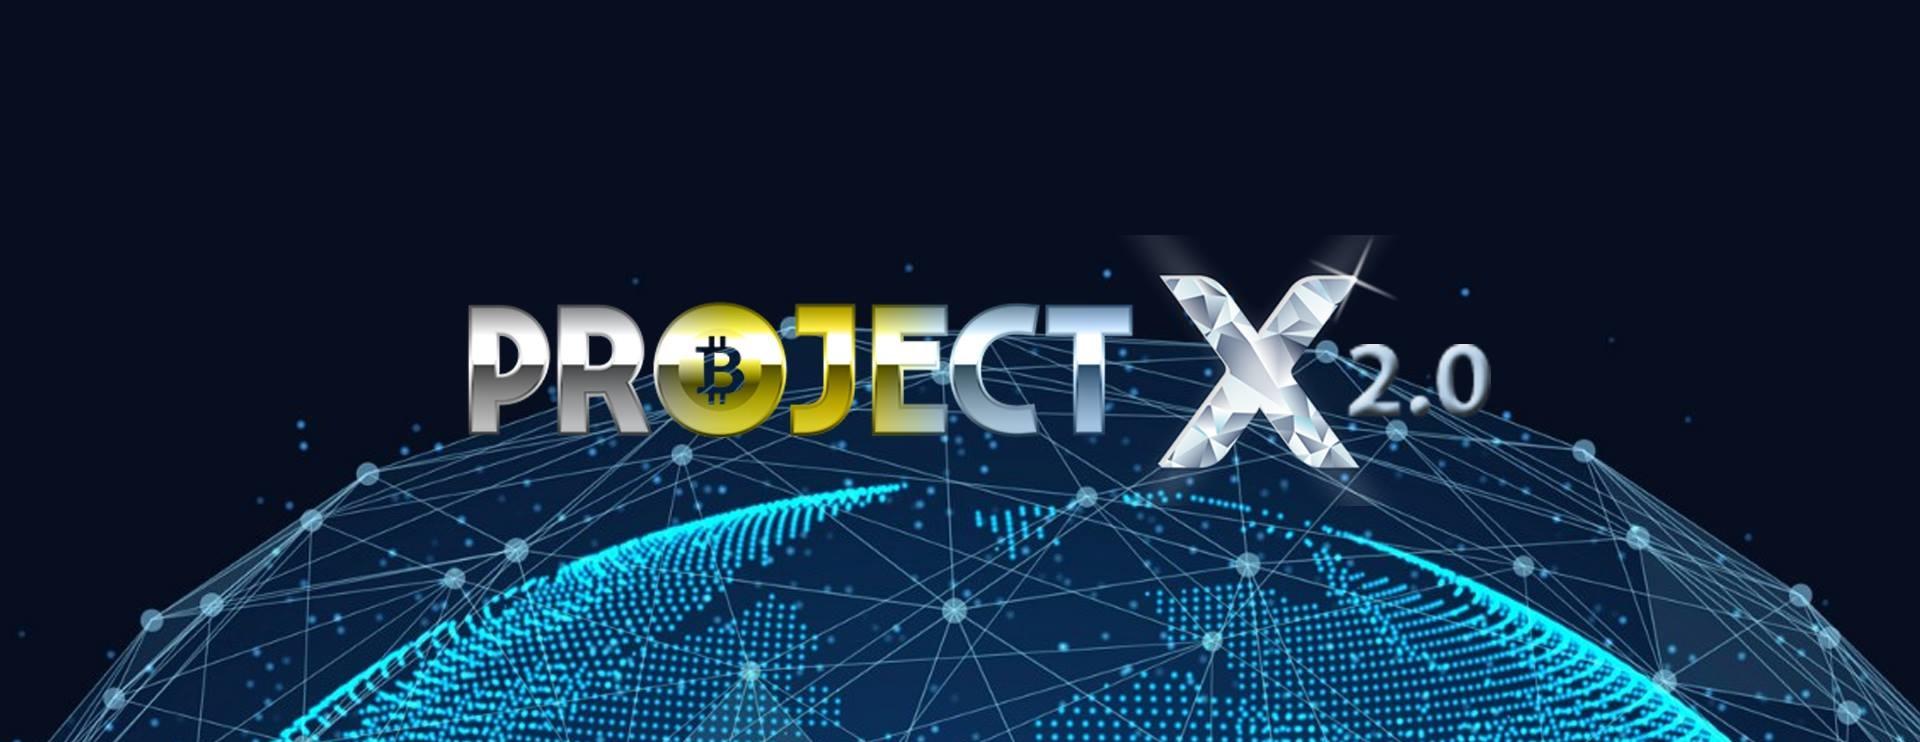 ProjectX Kripto Para Botu Nedir? Nasıl Sahip Olabilirsiniz?